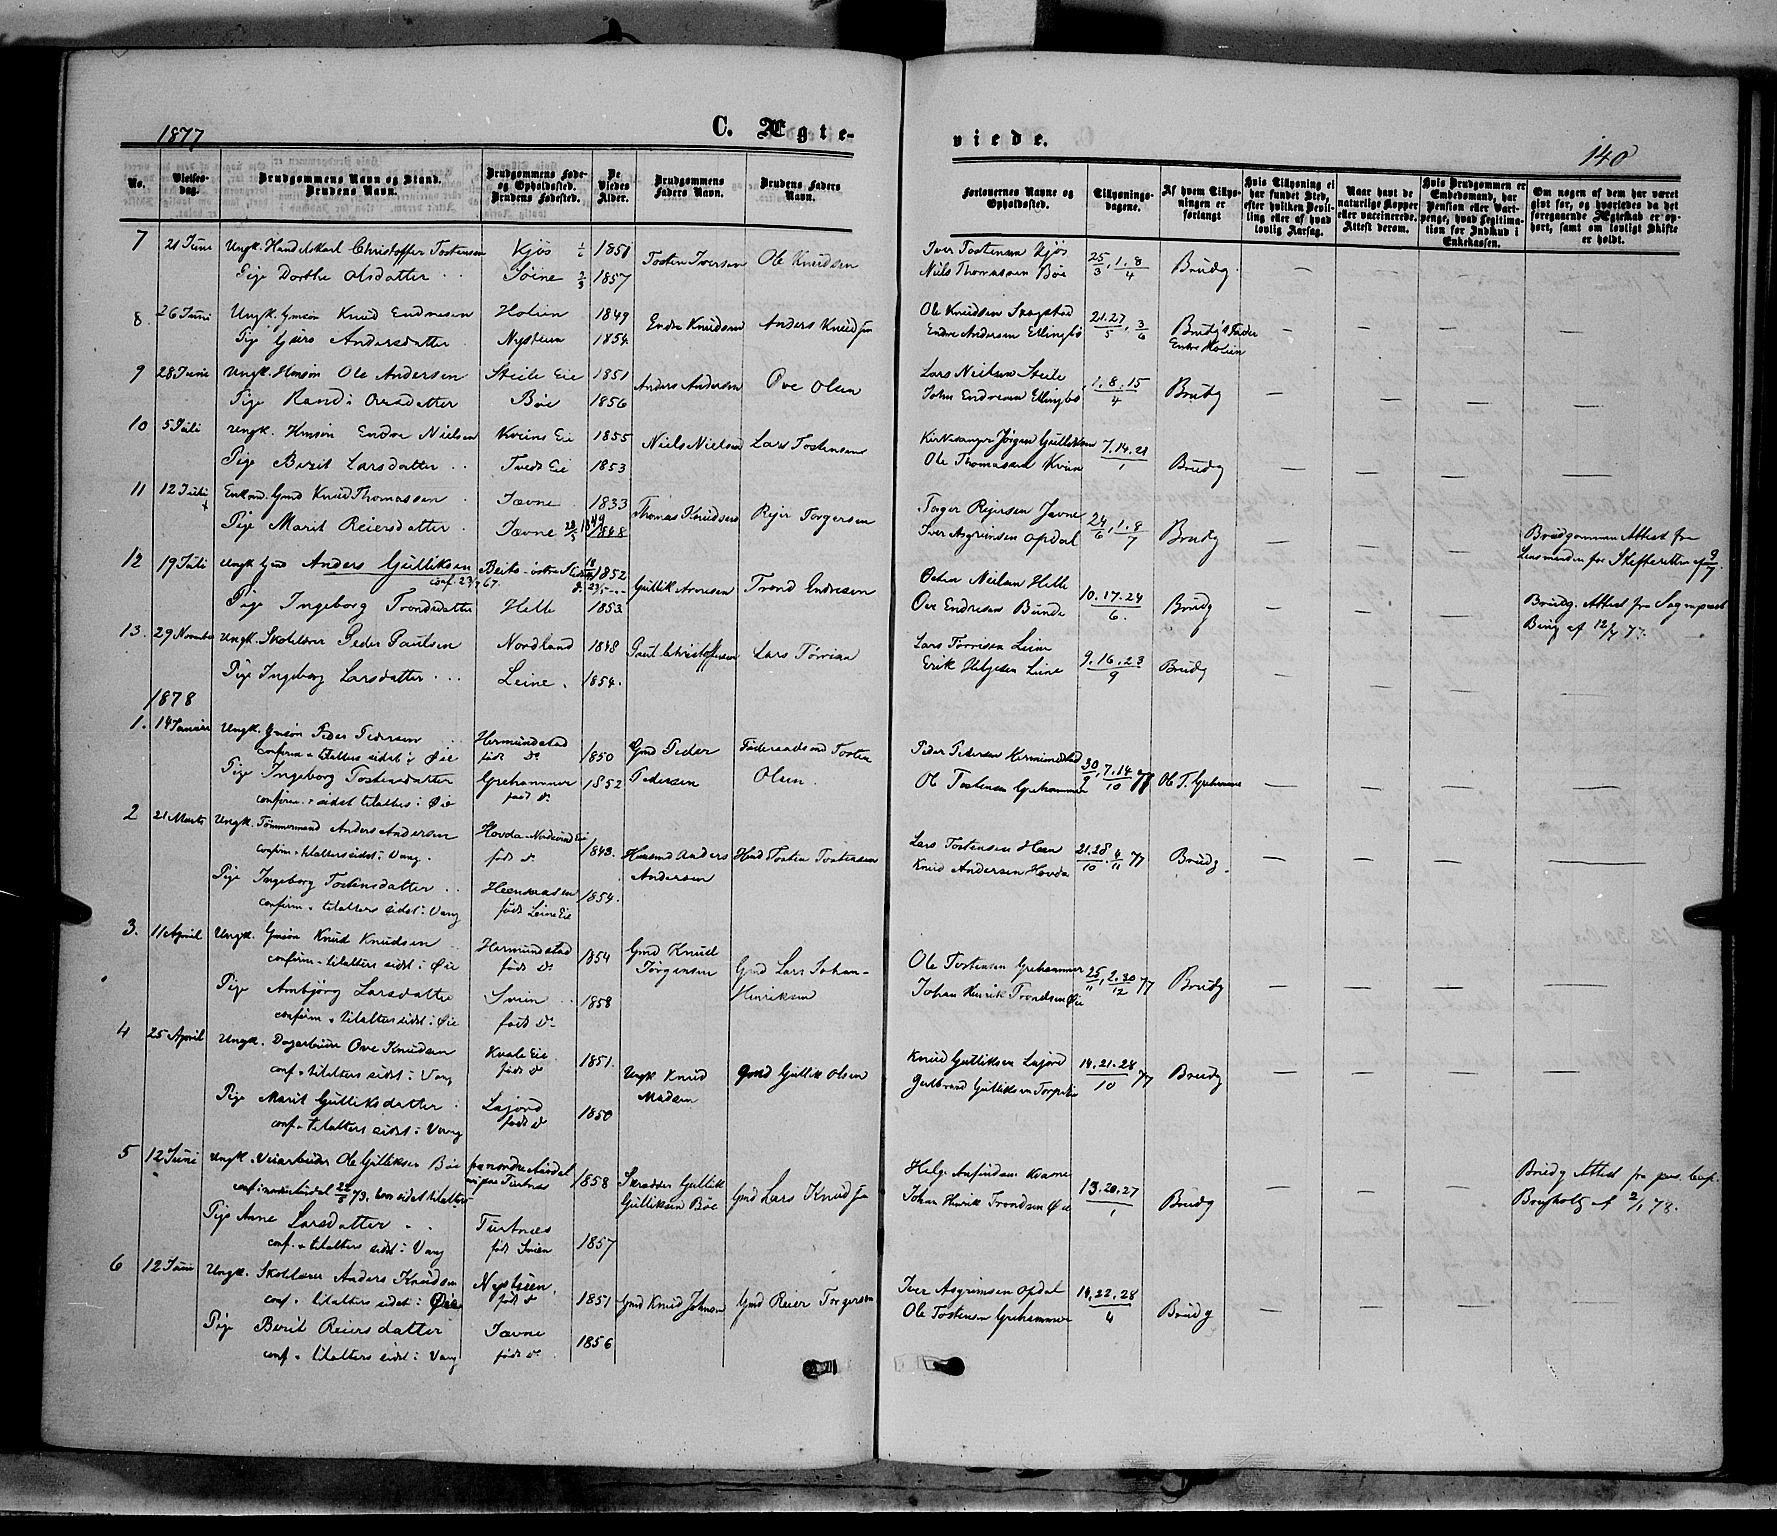 SAH, Vang prestekontor, Valdres, Ministerialbok nr. 7, 1865-1881, s. 140